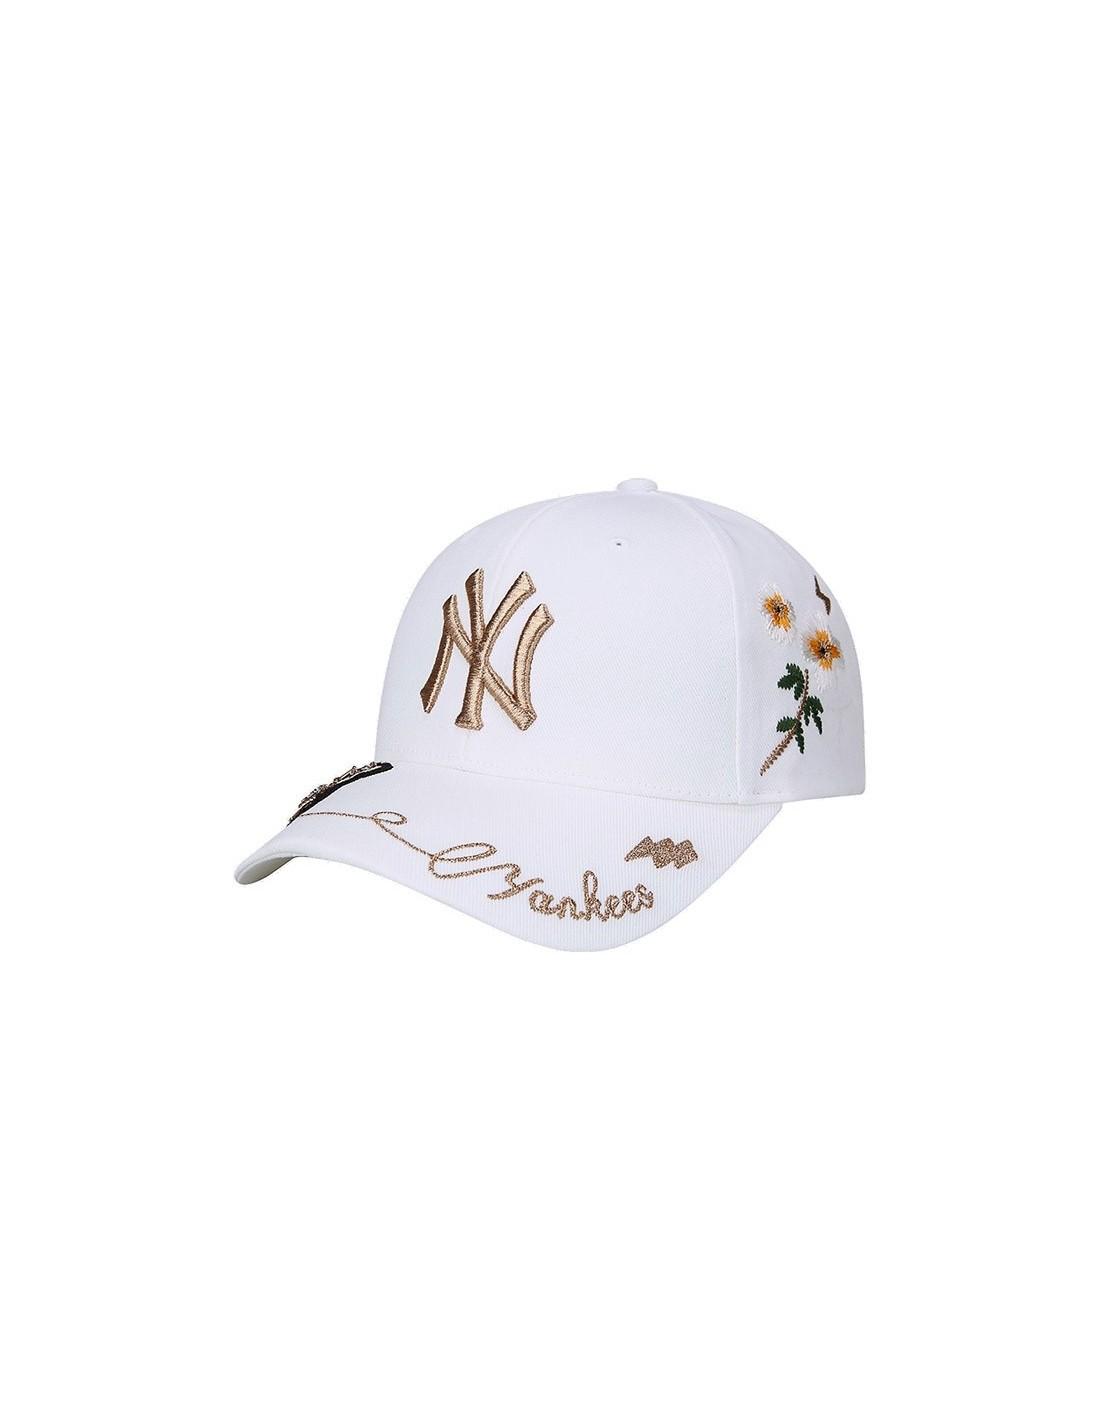 EXO X MLB New Crew - Goldbee Yankees Curve Cap 80dae14366e